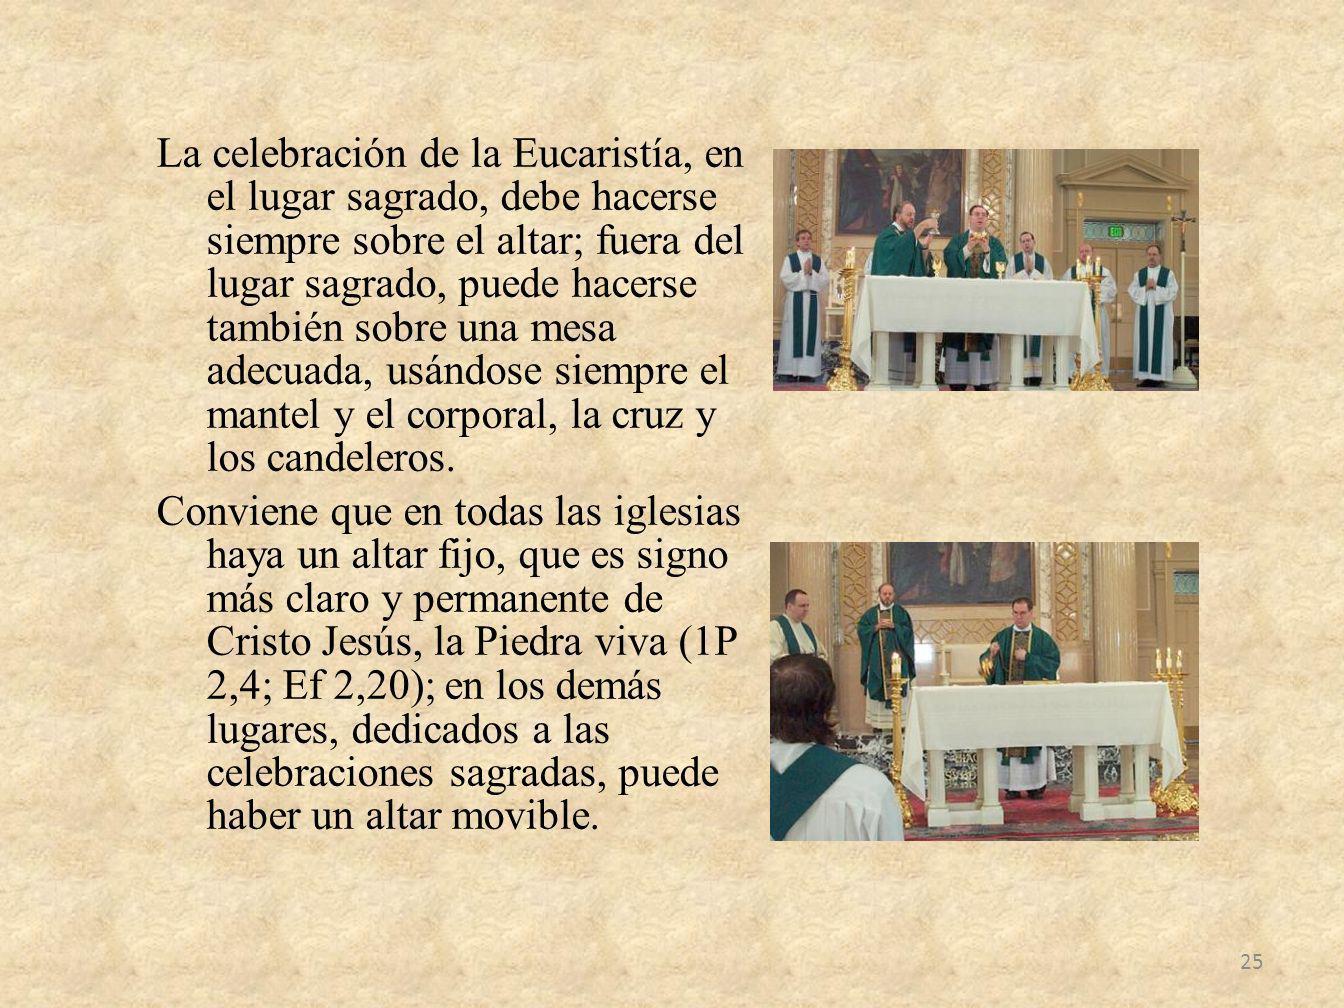 La celebración de la Eucaristía, en el lugar sagrado, debe hacerse siempre sobre el altar; fuera del lugar sagrado, puede hacerse también sobre una me